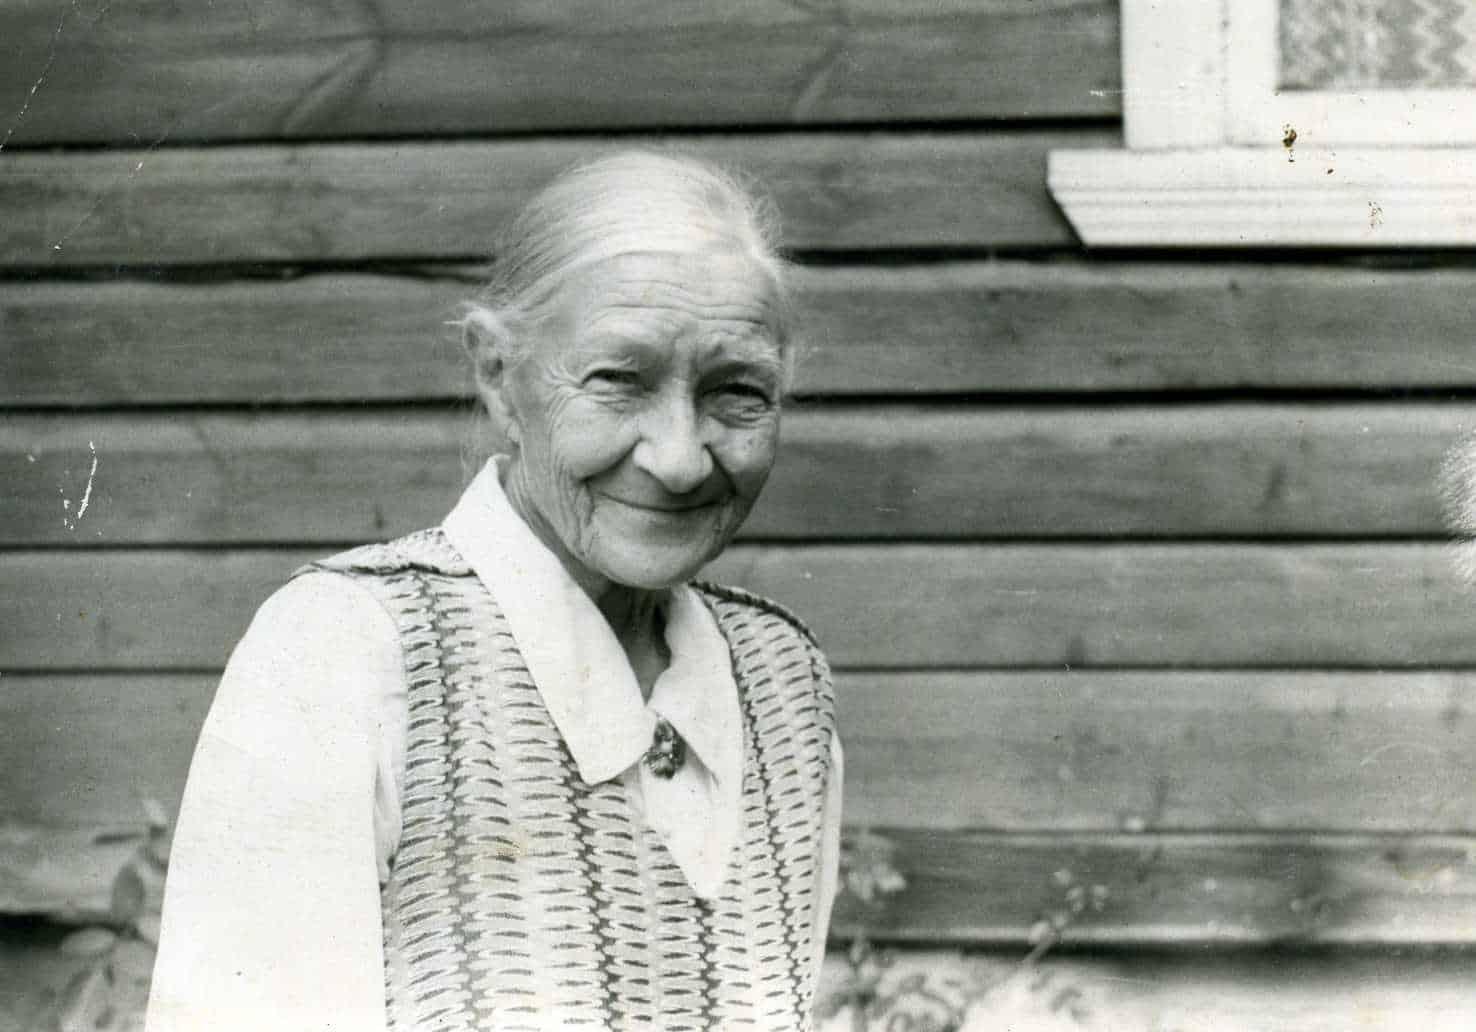 Елизавета Оскаровна Майер, 24.08.1980 Какое замечательное фото! Как жаль, что нам с ней уже не поговорить...